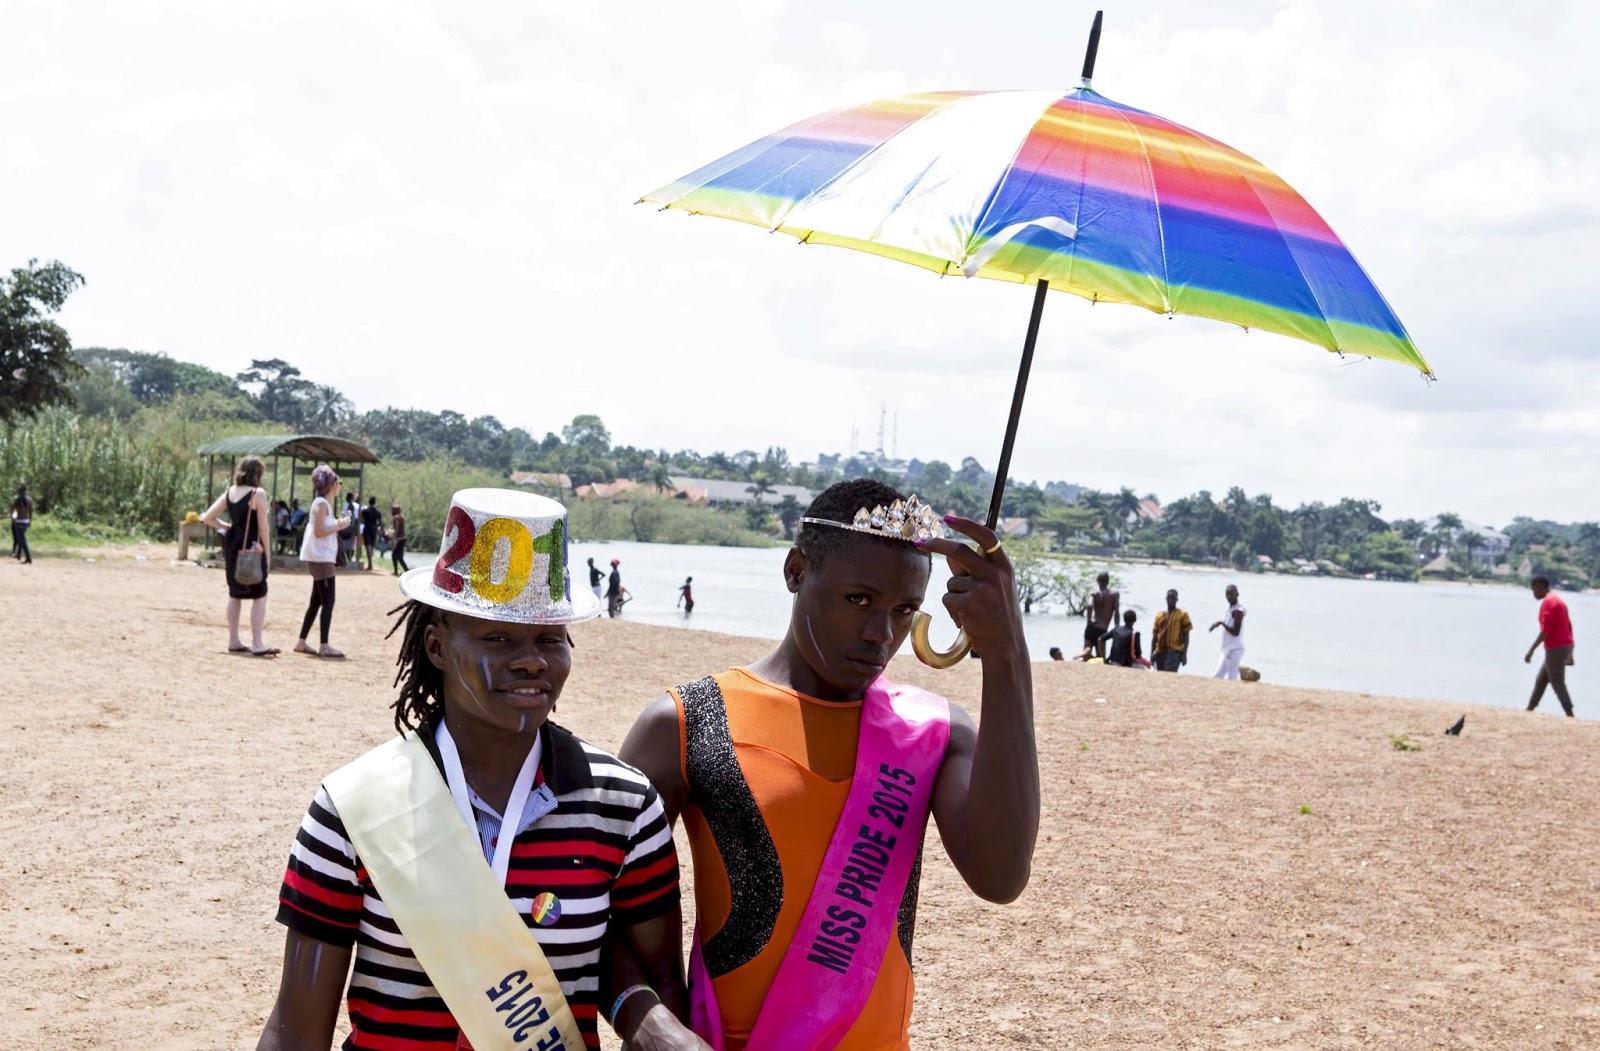 Parada do Orgulho LGBT em Uganda; é a primeira após a suspensão da lei que previa prisão perpétua a LGBTs.